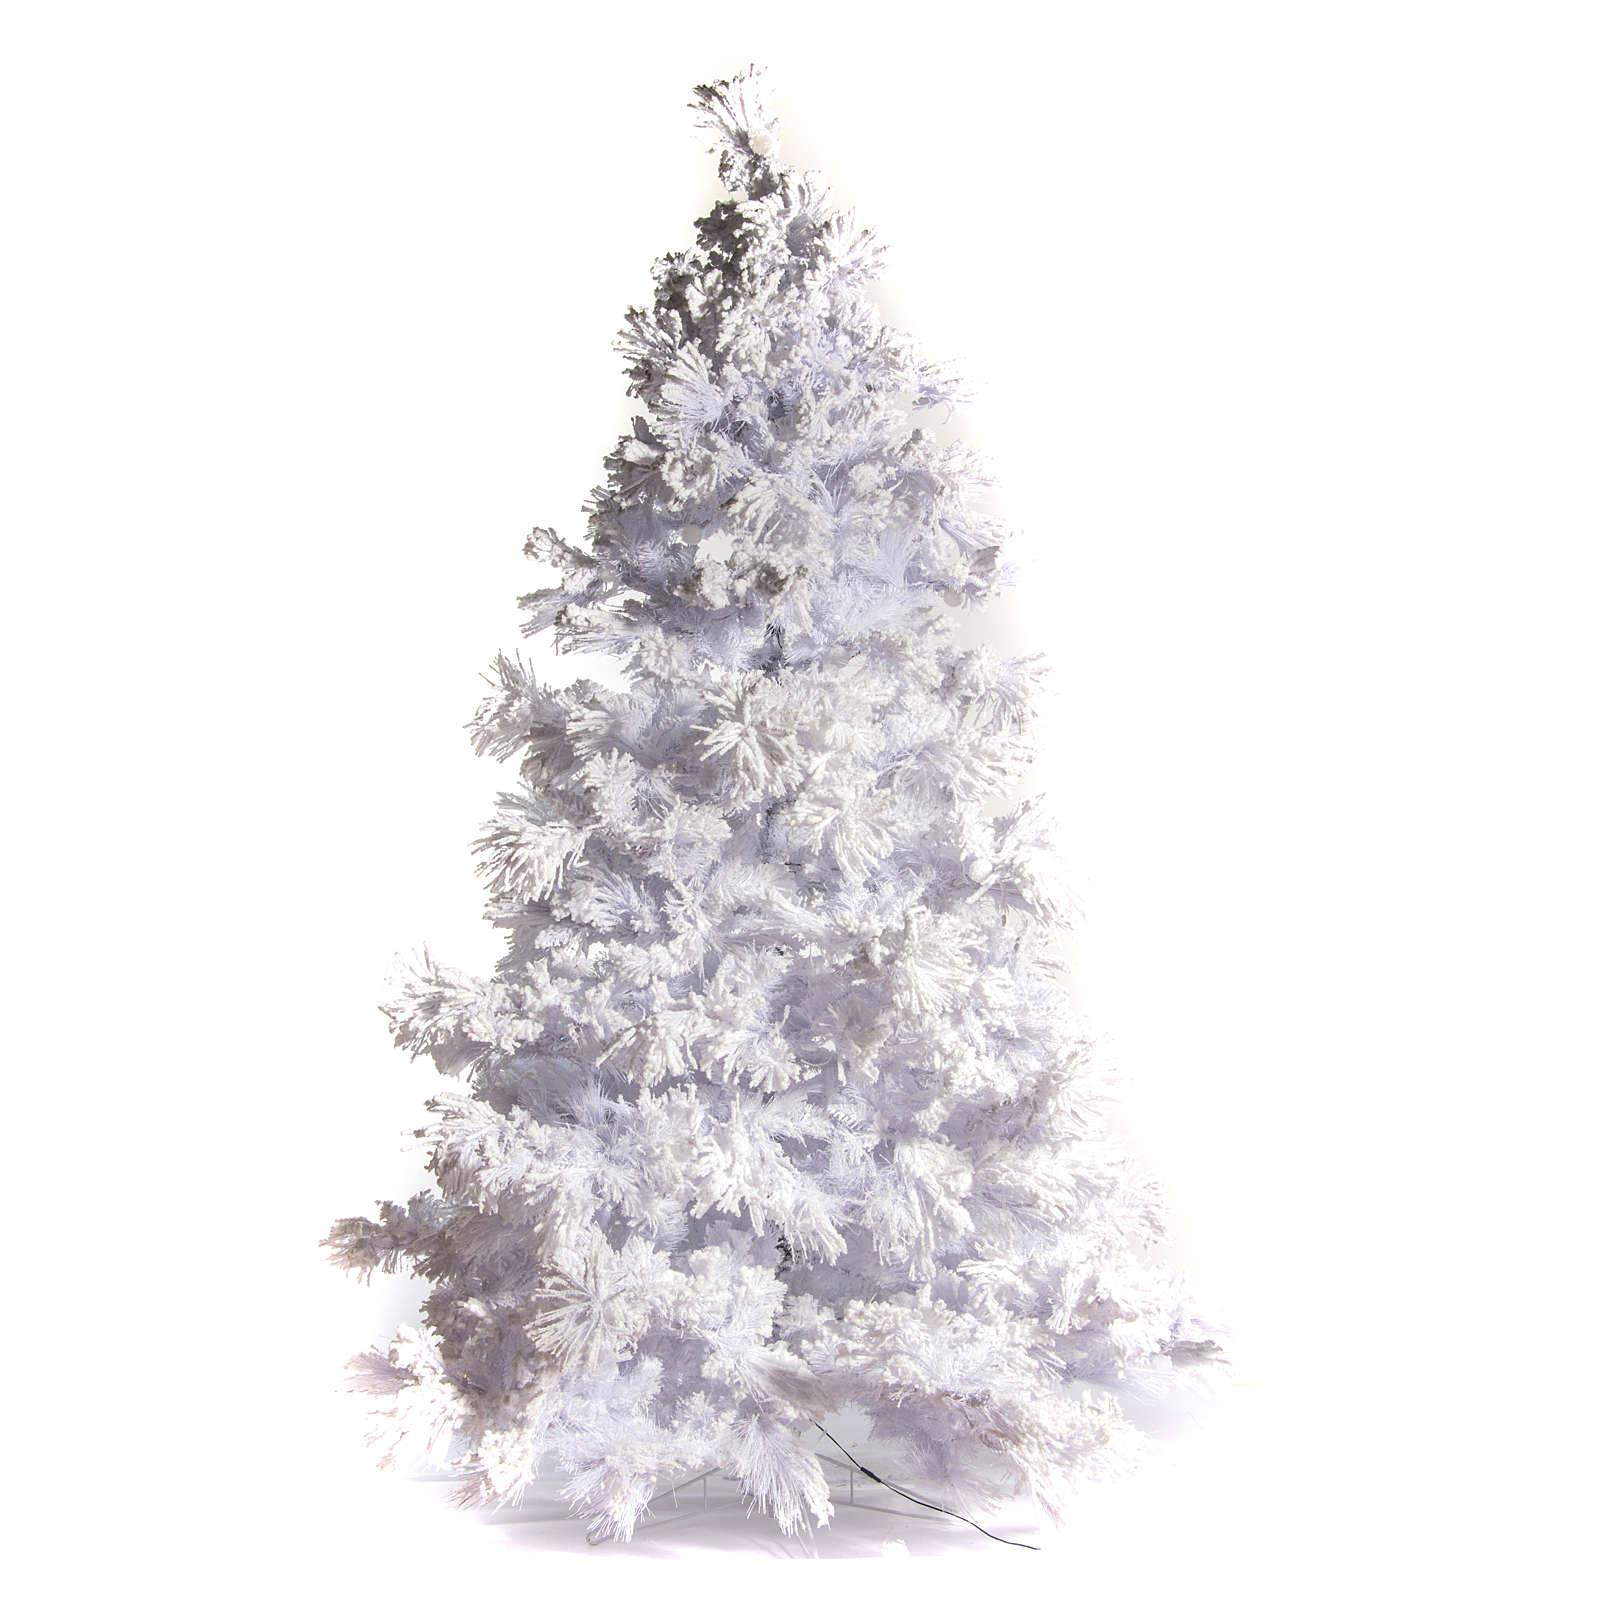 STOCK Albero di Natale bianco innevato 270 cm luci led 700 White Cloud 3